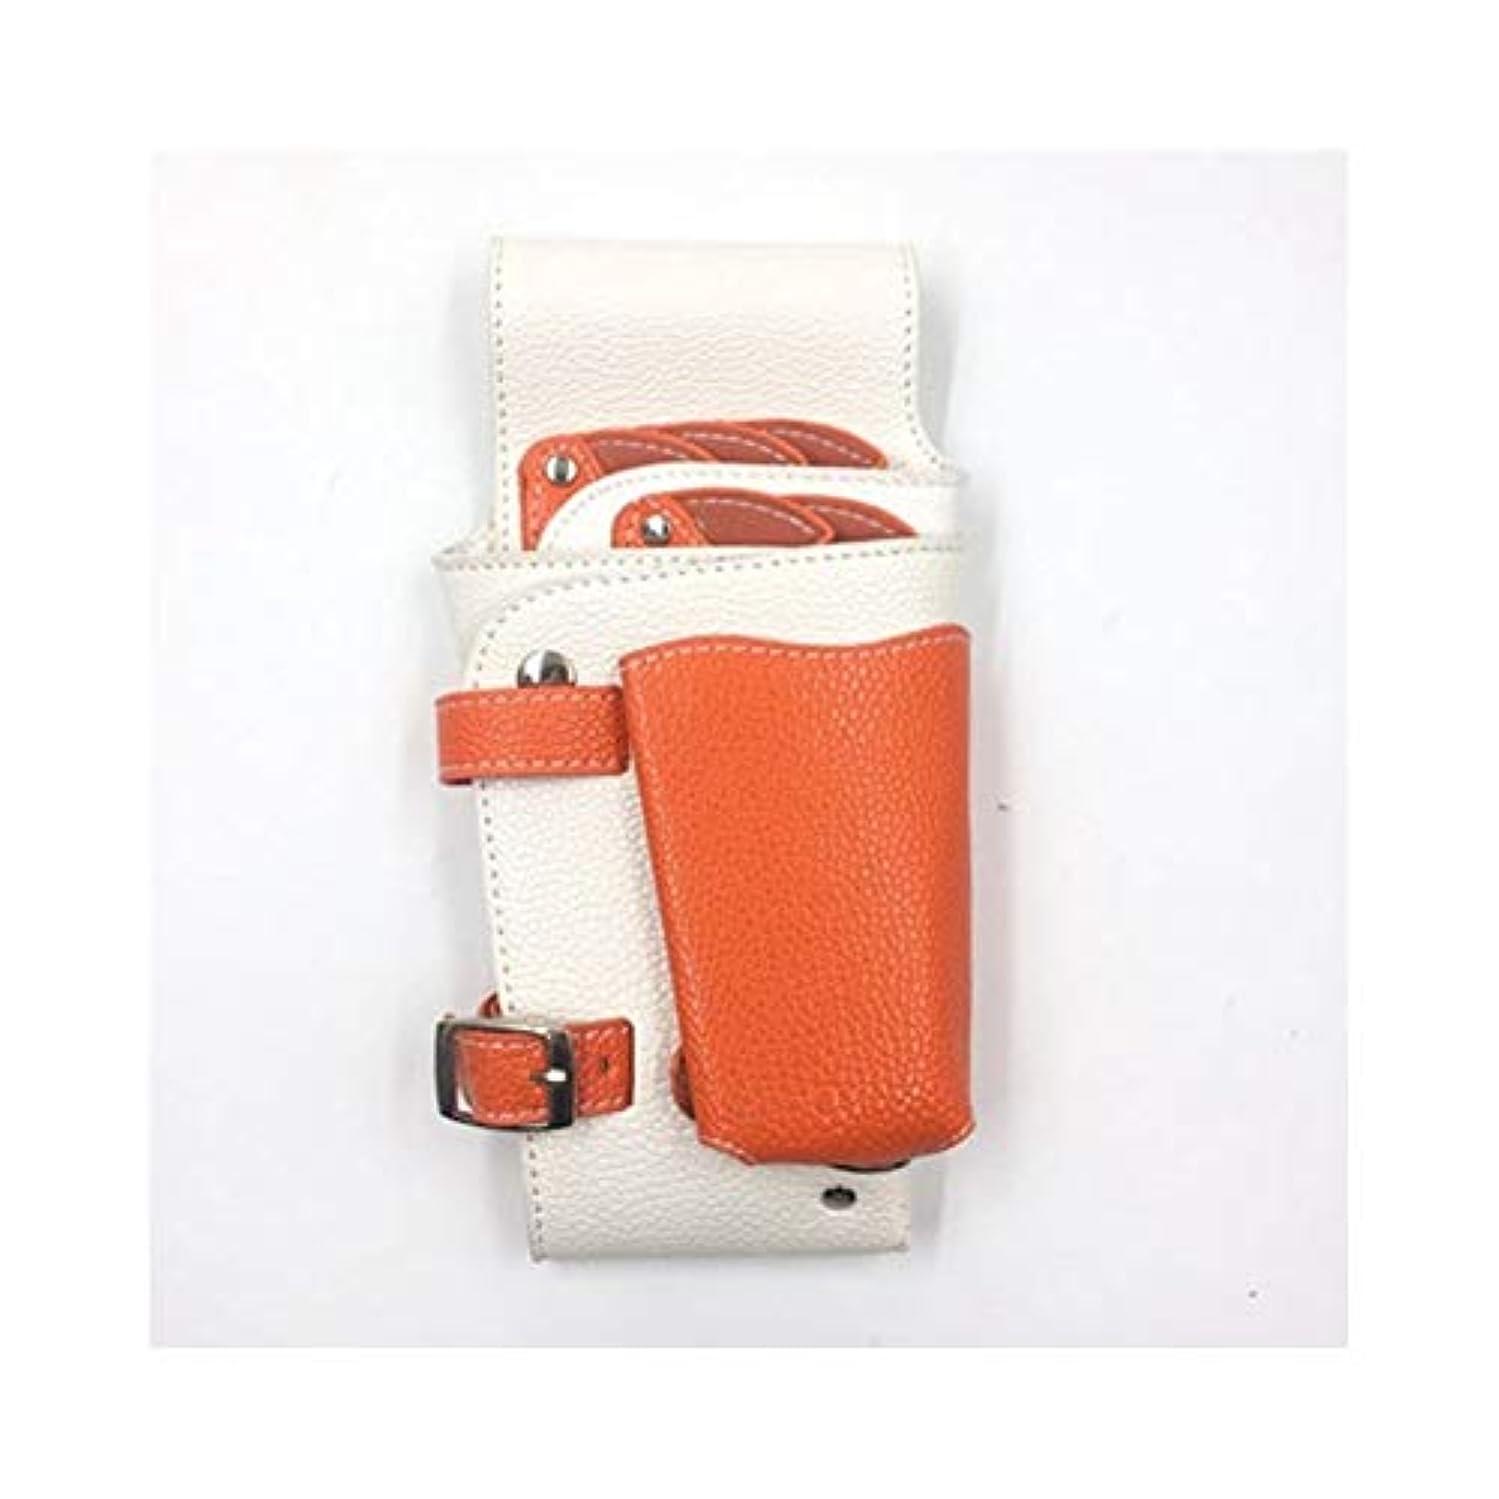 キッチンステープルアンテナヘアーキットの付属品袋の理髪師はベルトの美容院の理髪の袋が付いているホルスターを切ります、 モデリングツール (色 : オレンジ)